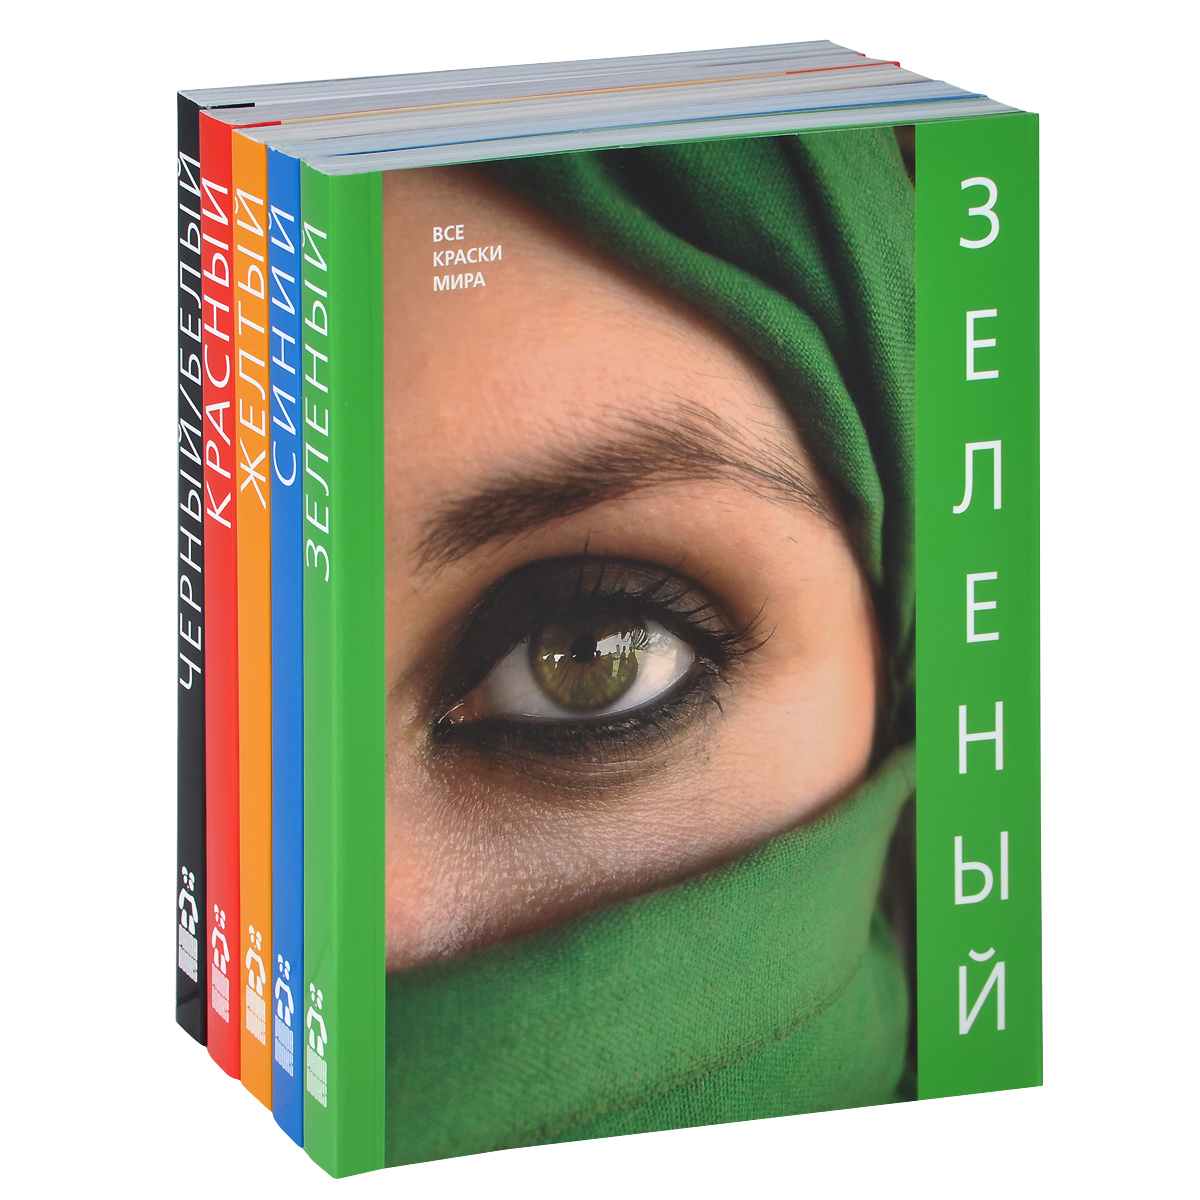 Наталья Матвеева Все краски мира (комплект из 5 книг)